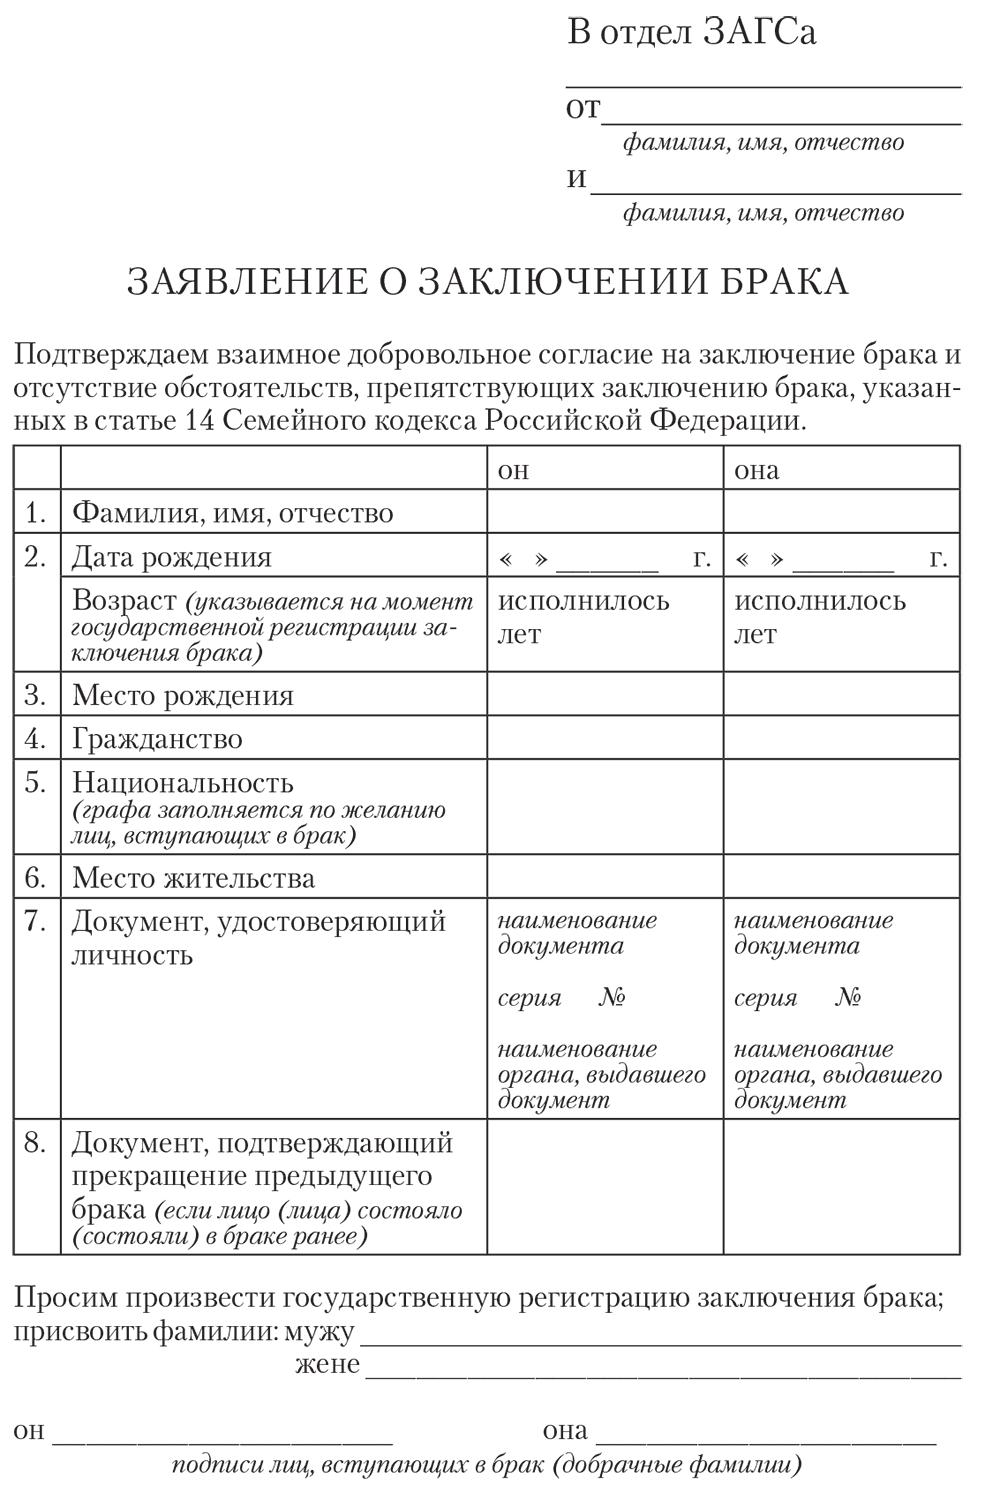 нова форма податкової накладної з 01.03.2014 бланк